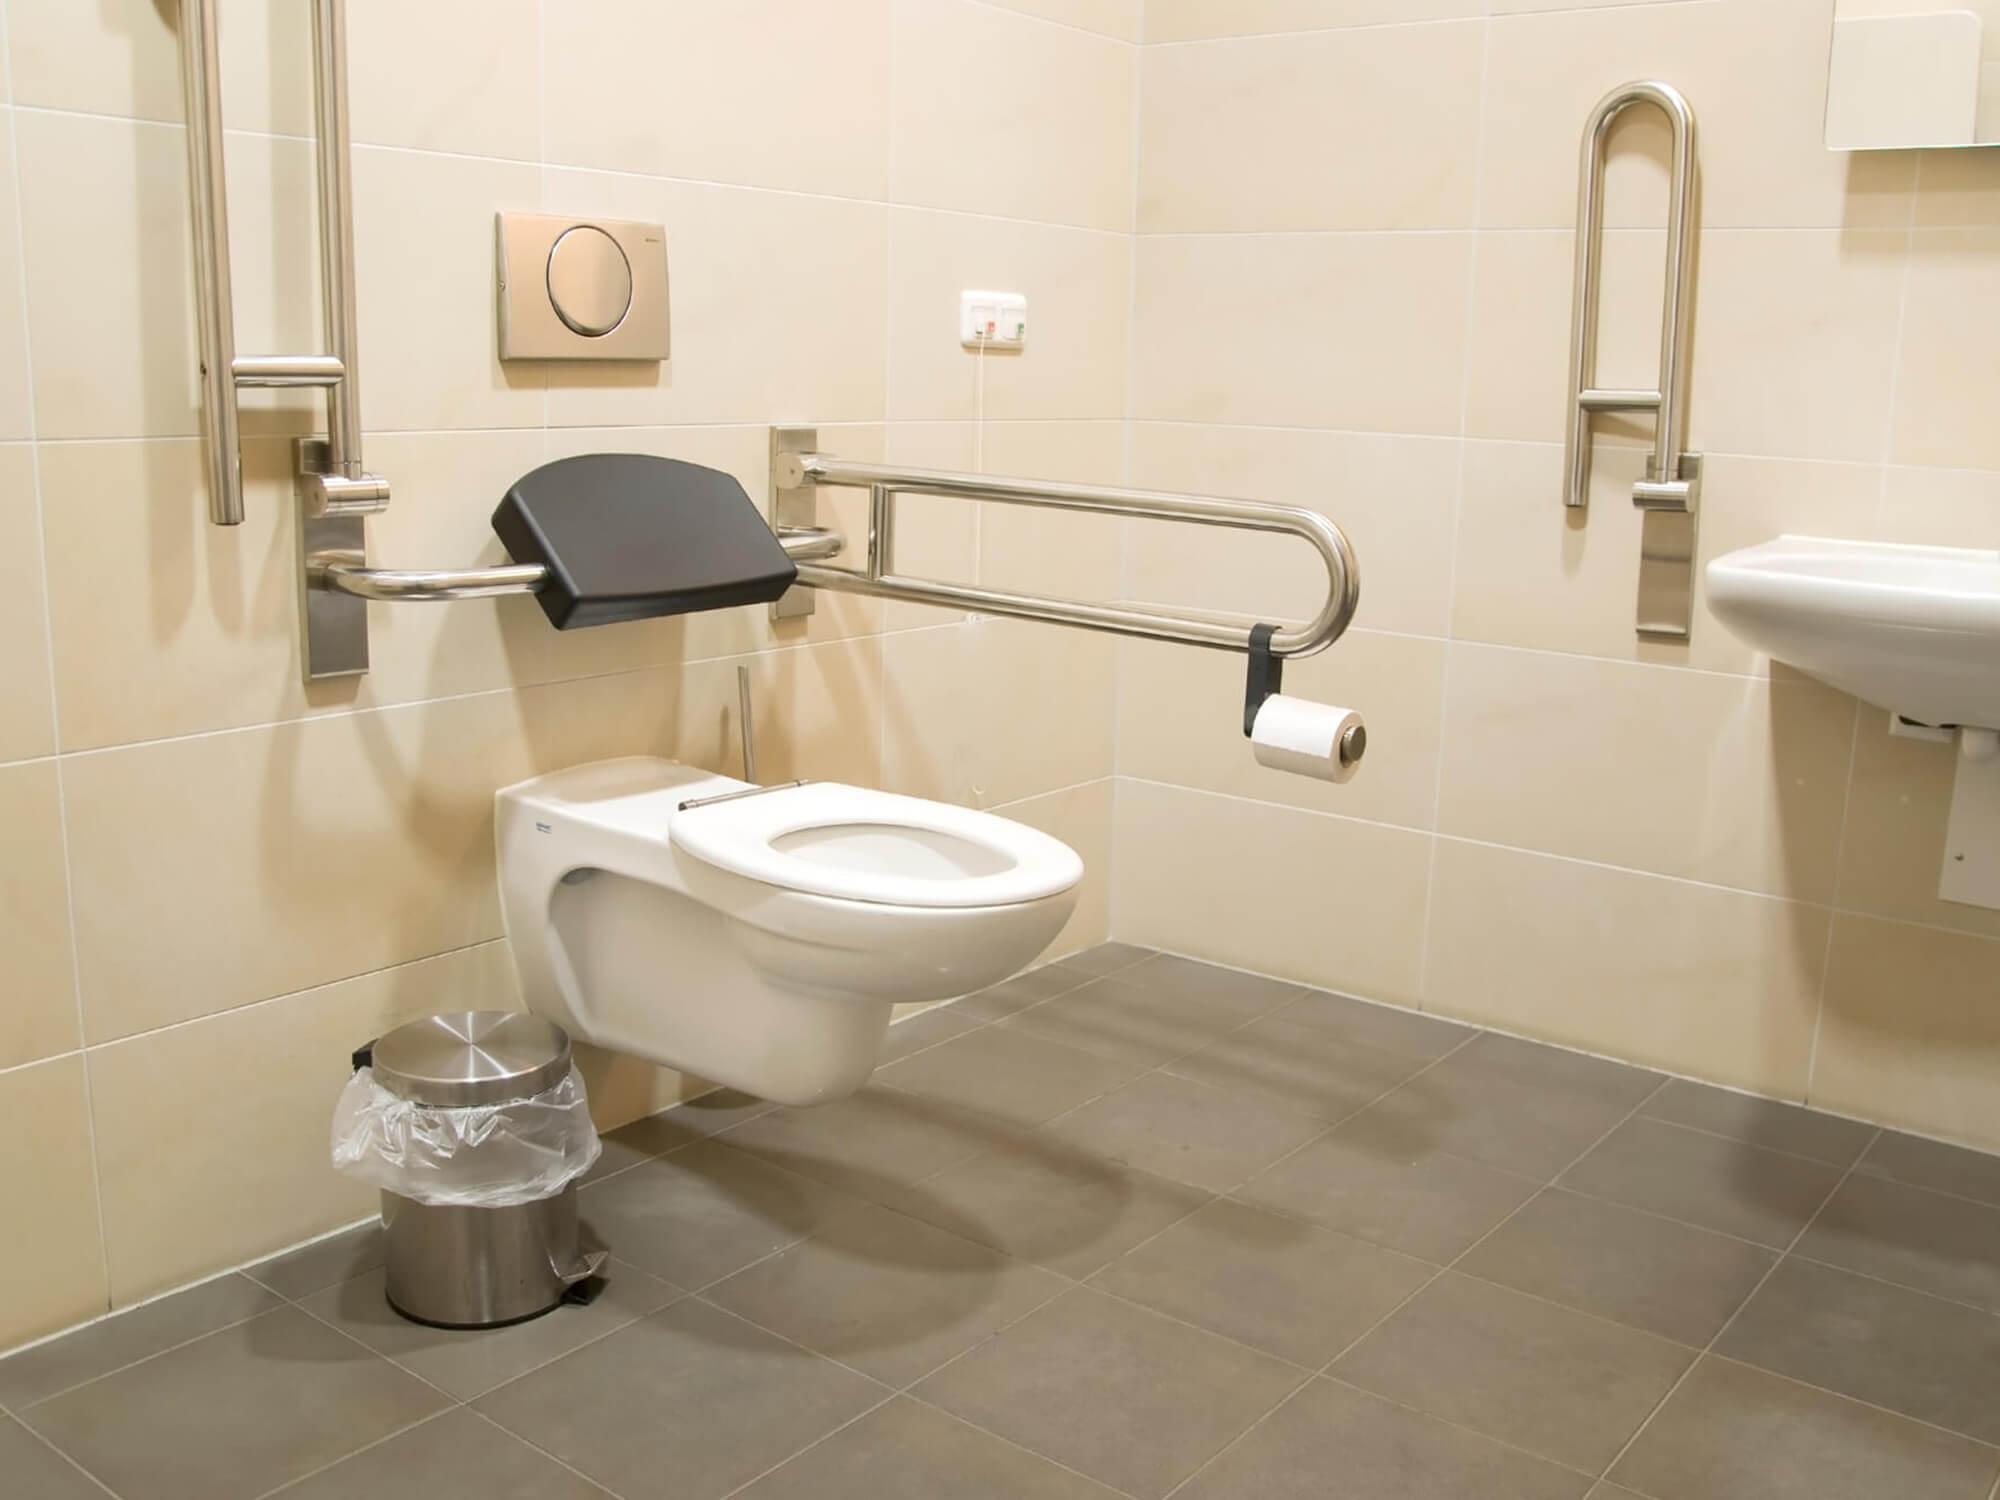 Behindertengerechtes Bad Darauf müssen Sie achten   TS Treppenlifte